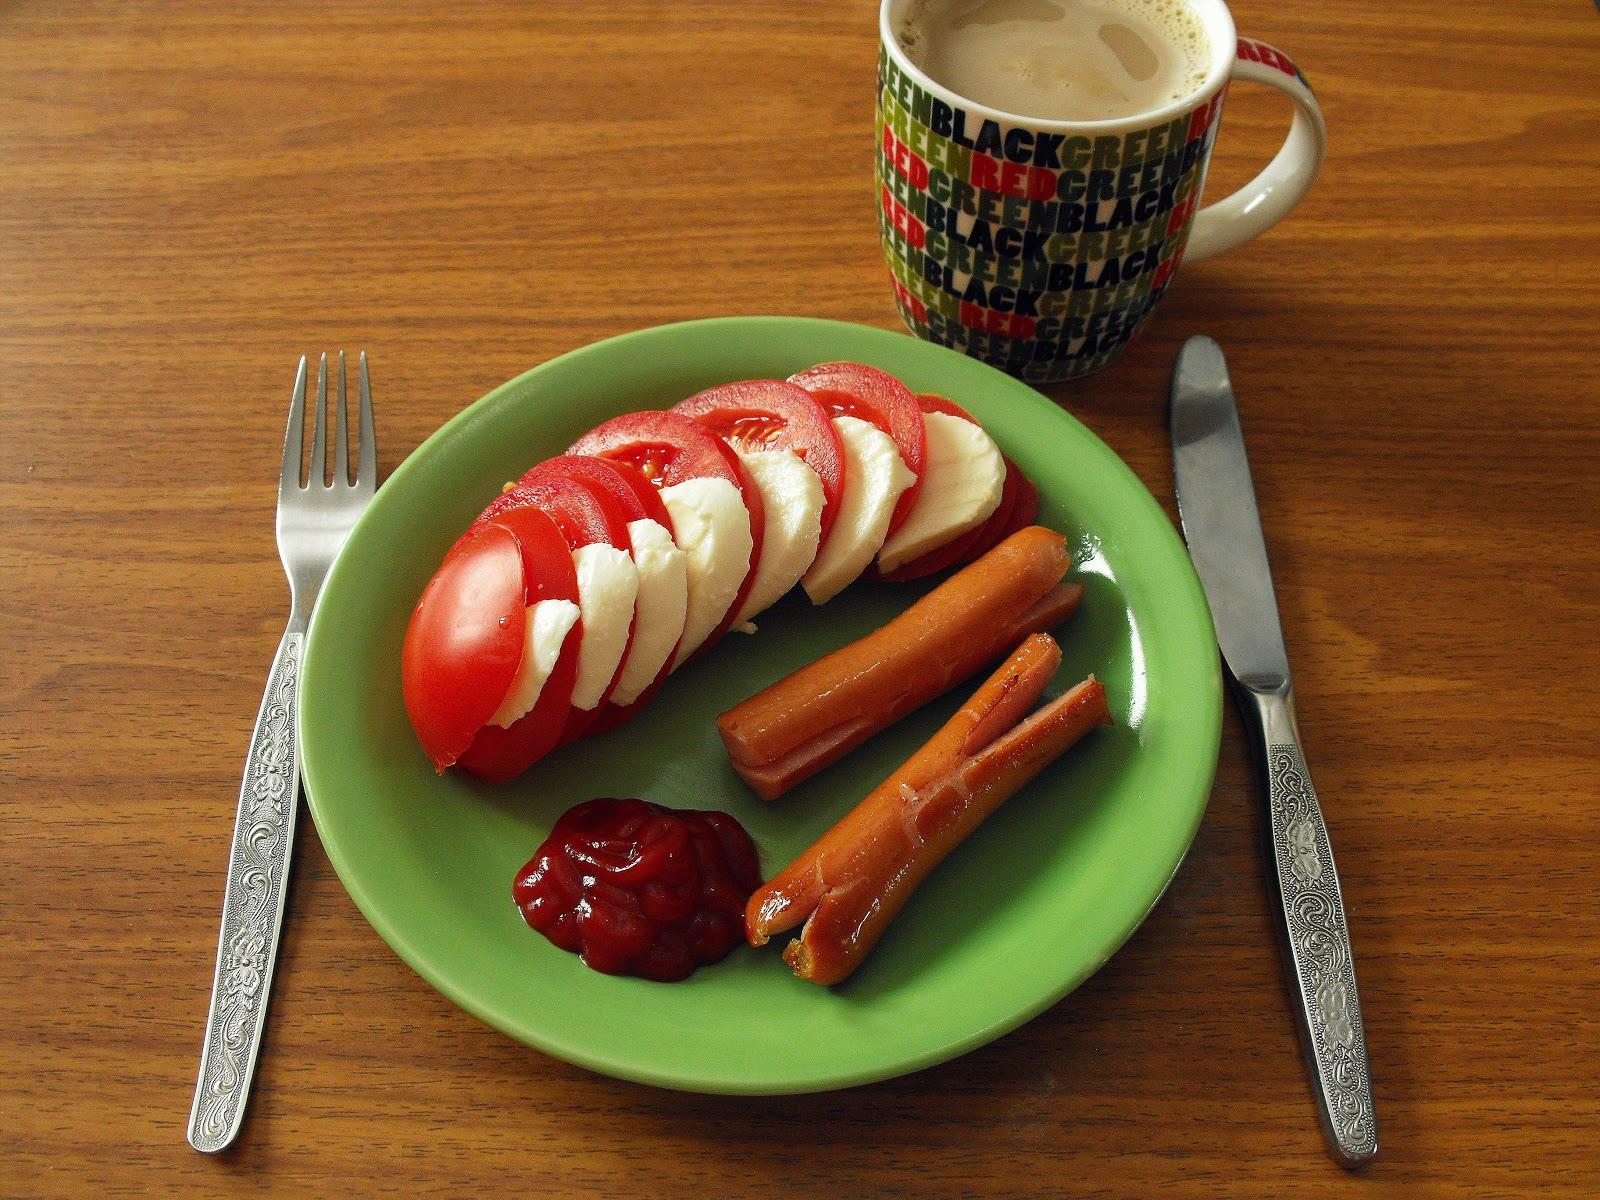 Znalezione obrazy dla zapytania pokaż stół zastawiony do śniadania.